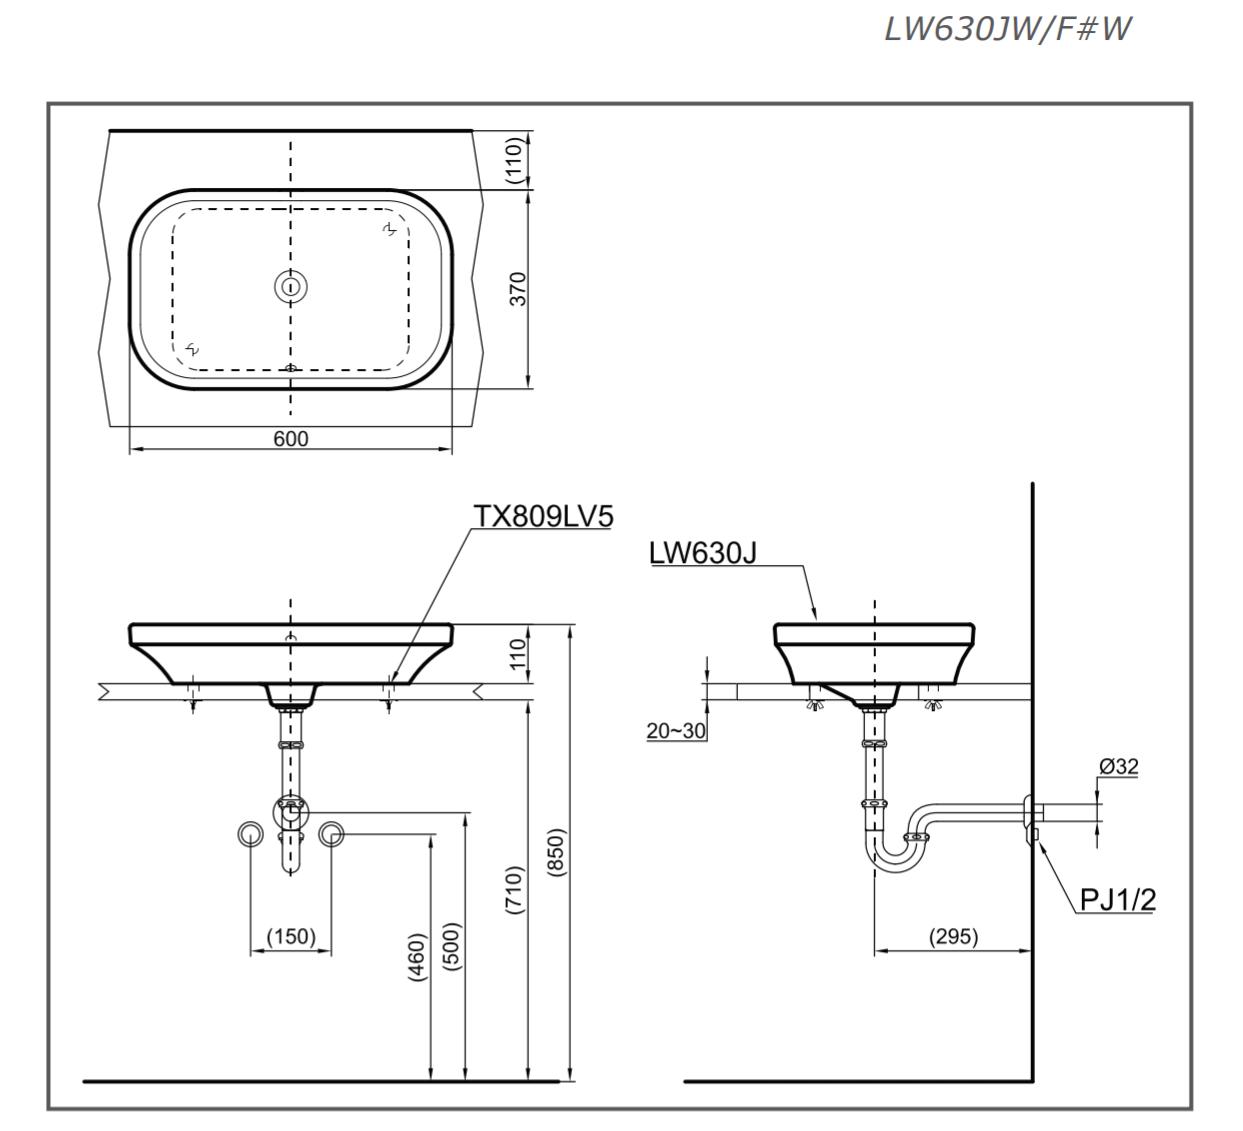 TSKT lavabo TOTO đặt bàn chính hãng LW630JW/F